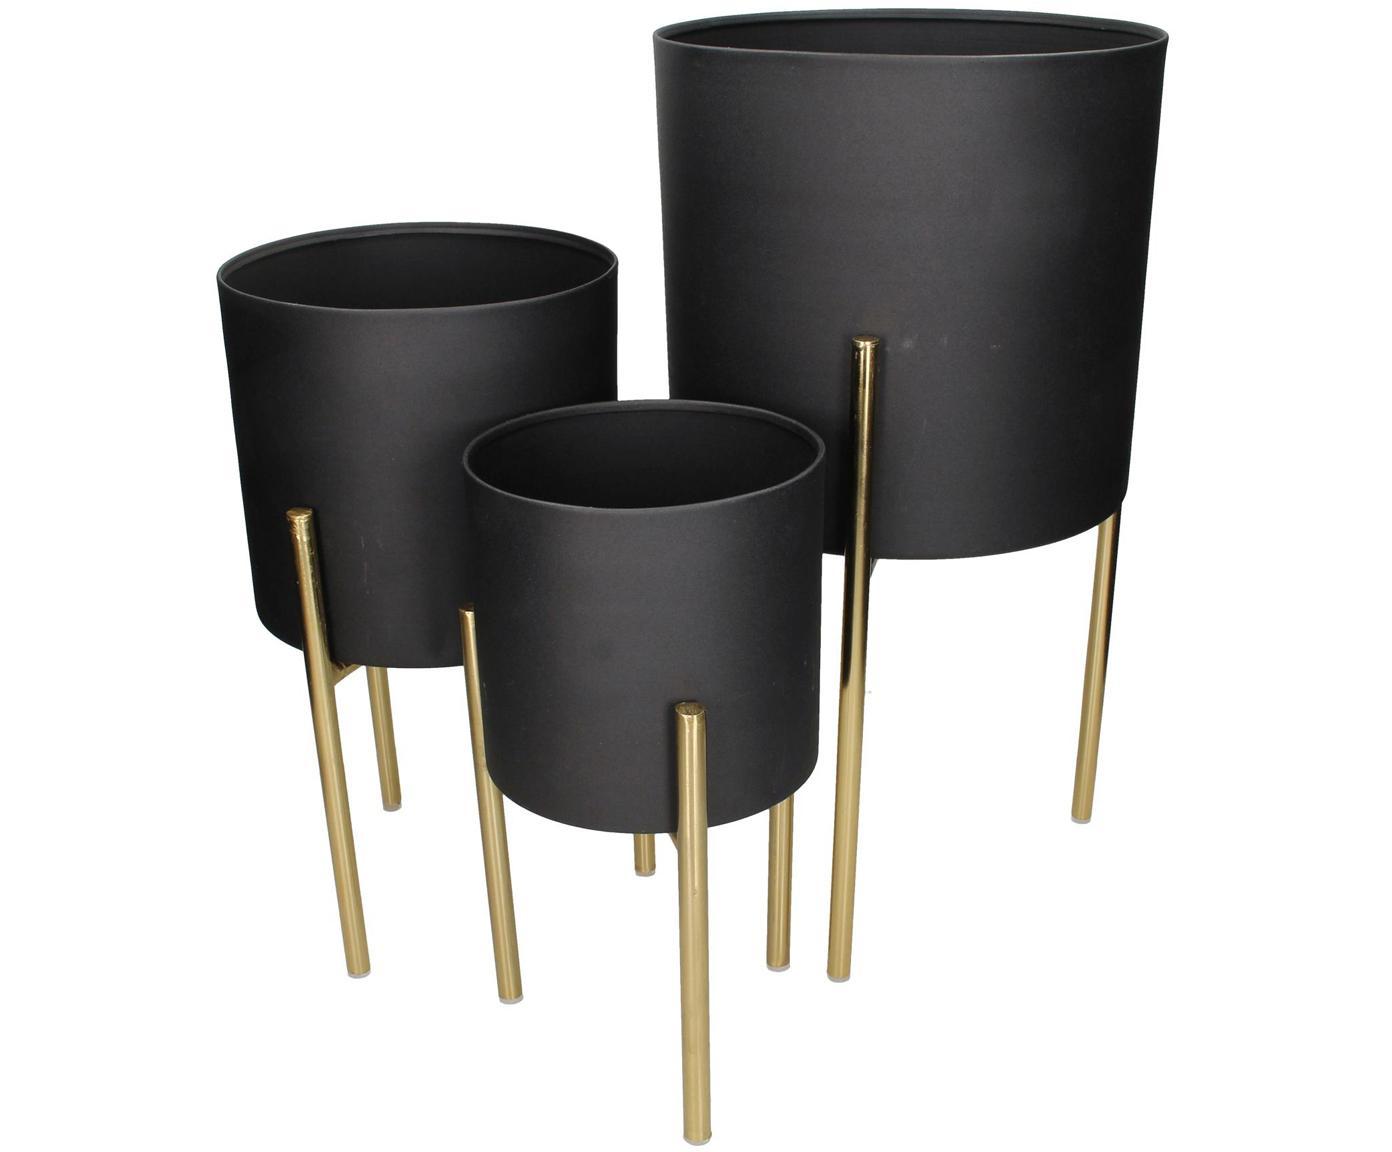 Übertopf-Set Blako, 3-tlg., Metall, beschichtet, Schwarz, Goldfarben, Sondergrößen